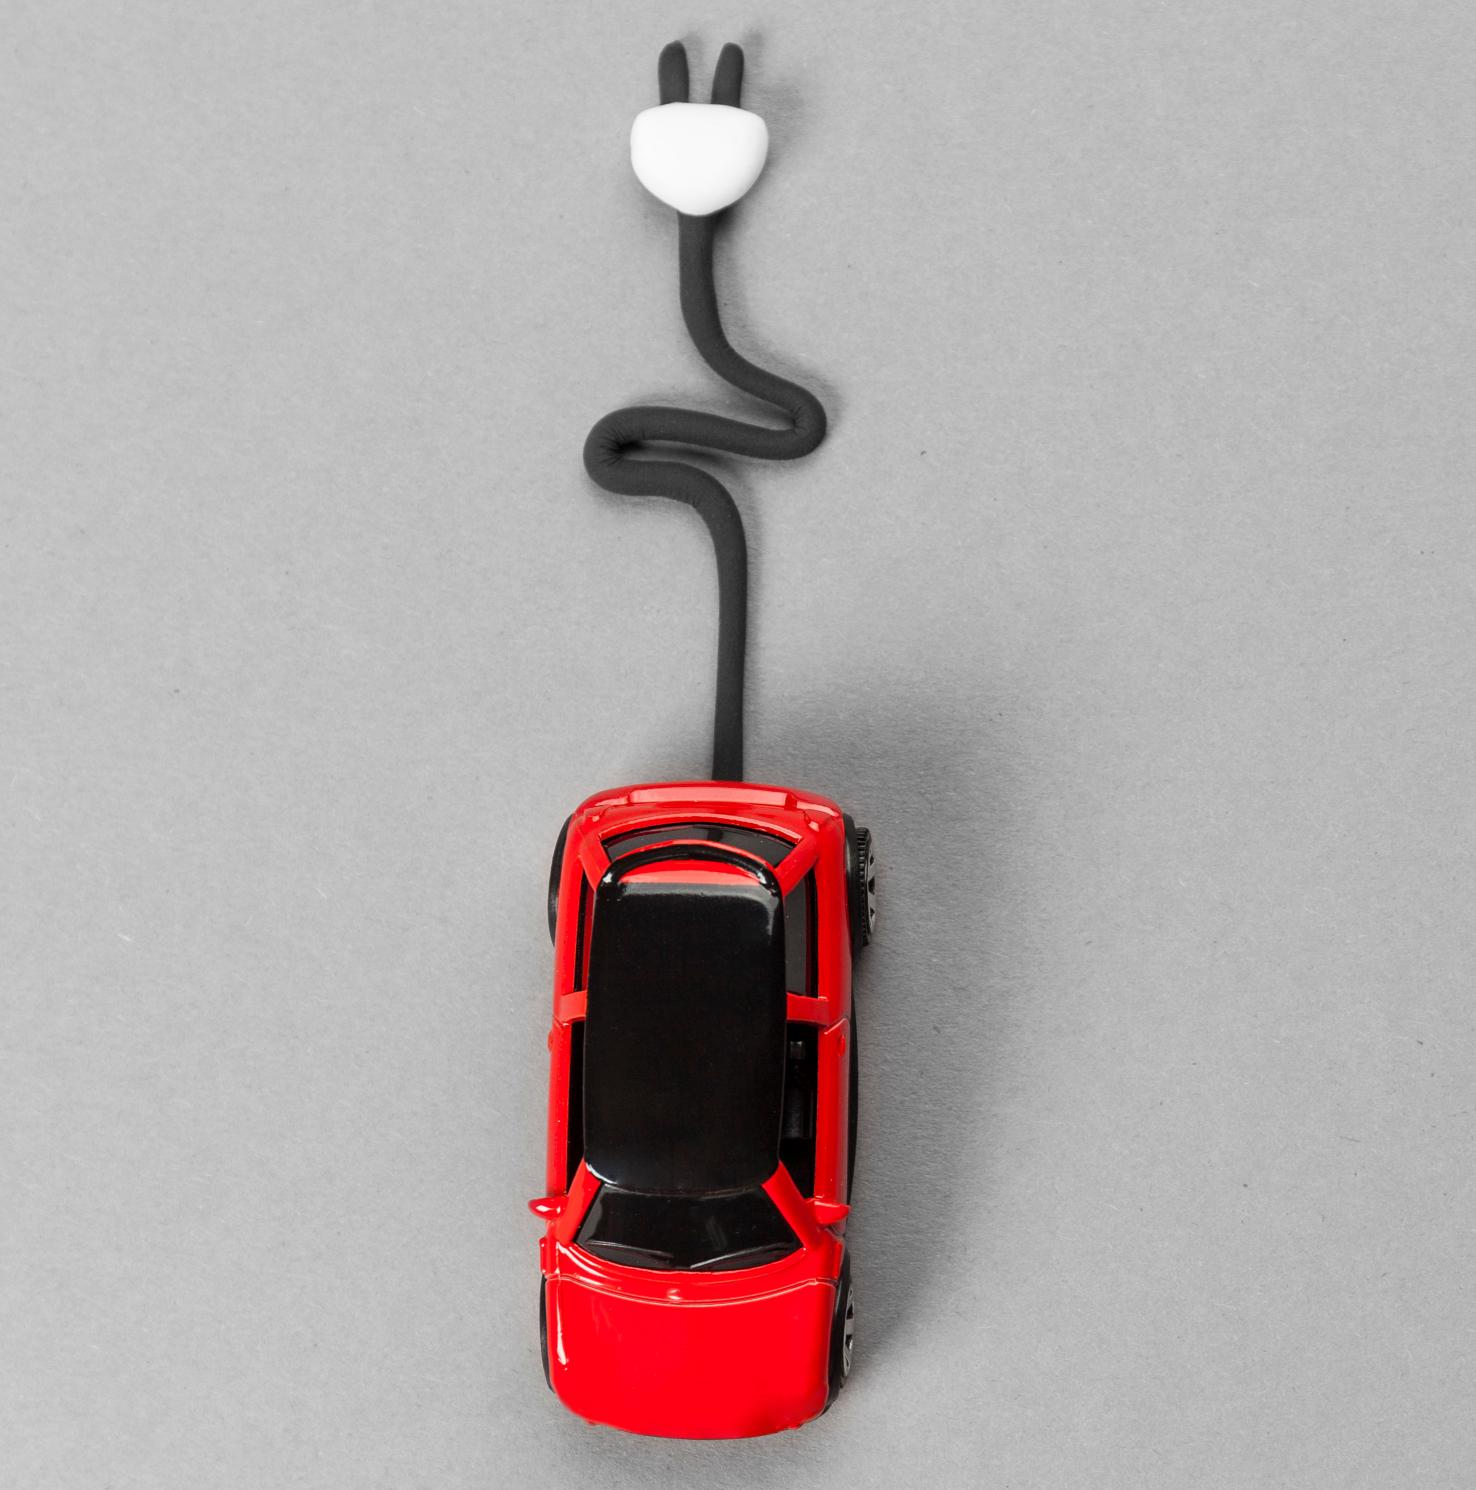 Erhöhung der Kaufprämie für E-Autos. Bringt es den Durchbruch für die E-Mobilität? image